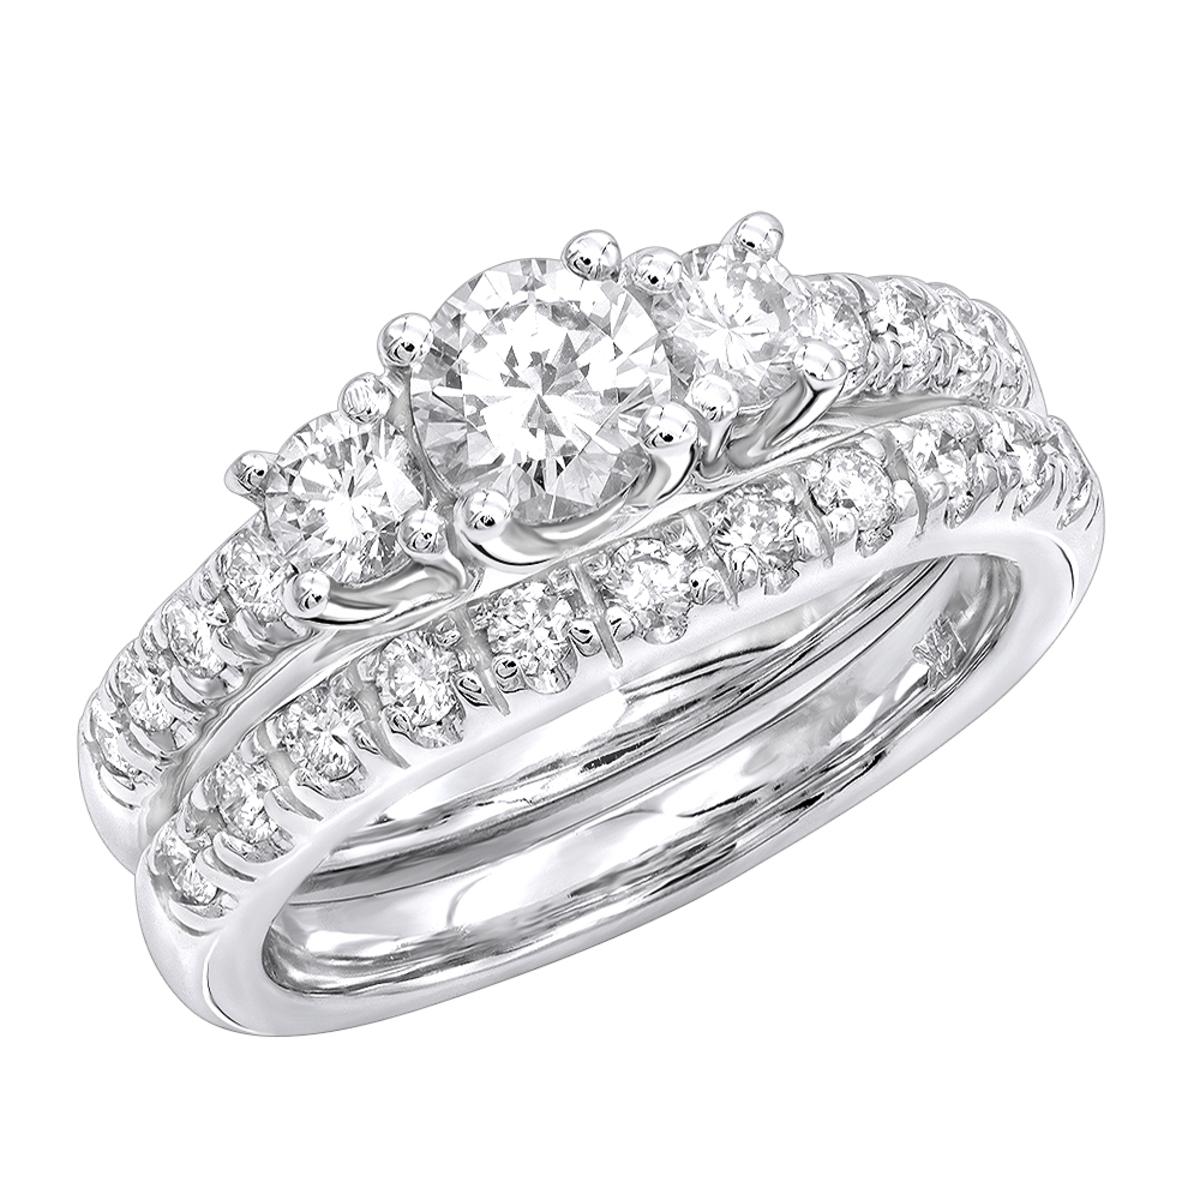 14K Gold Diamond Unique Engagement Ring Set 1.28ct